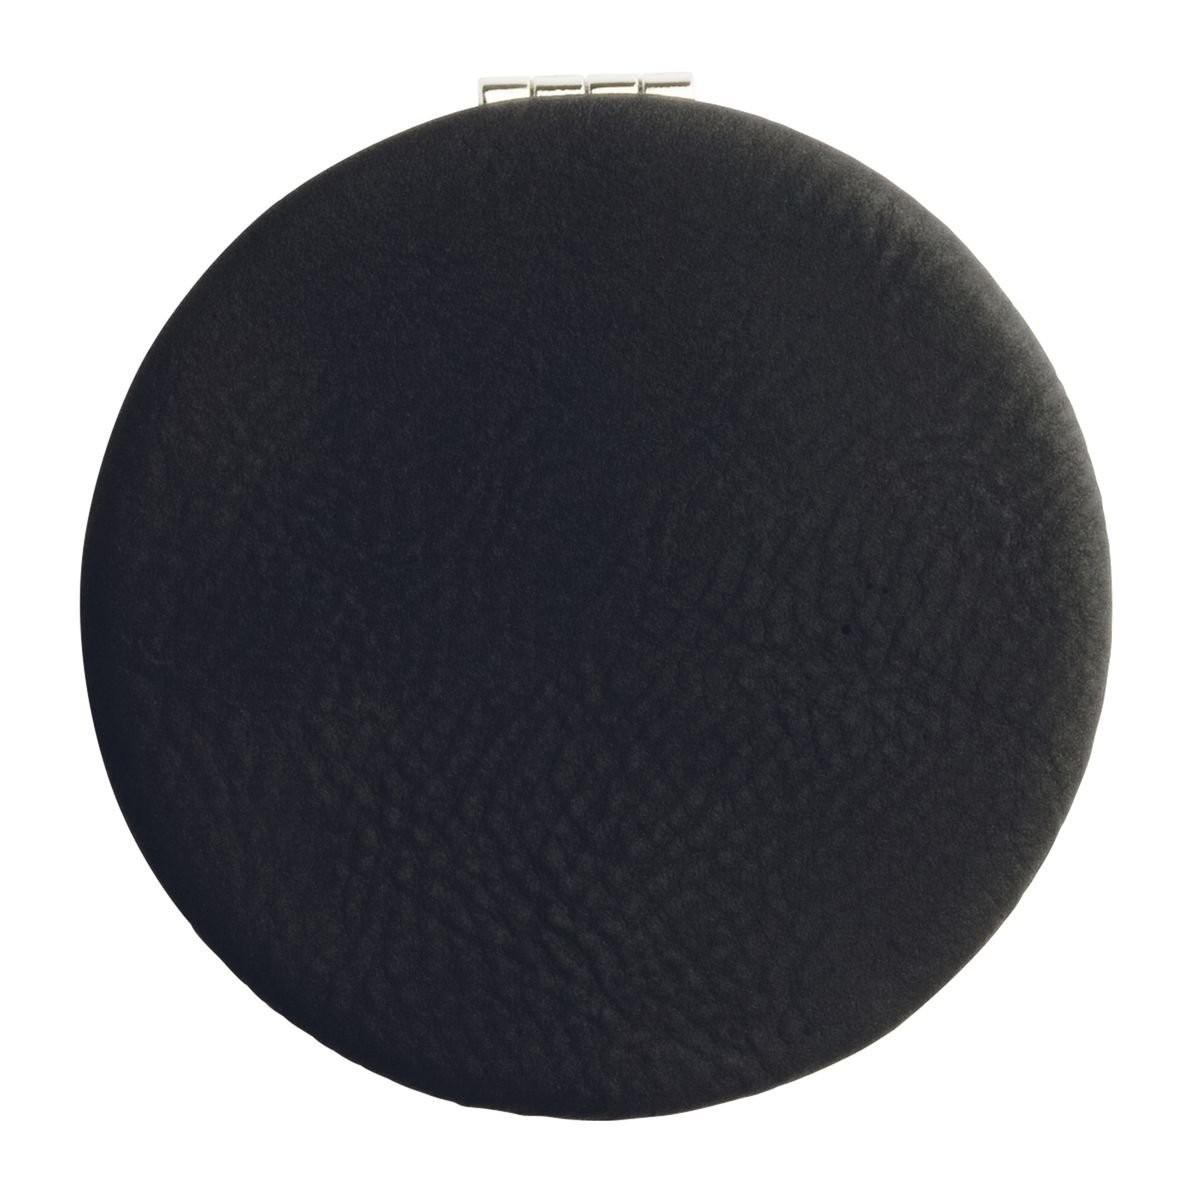 Taschenspiegel REFLECTS-MELUN BLACK, Ansicht 2